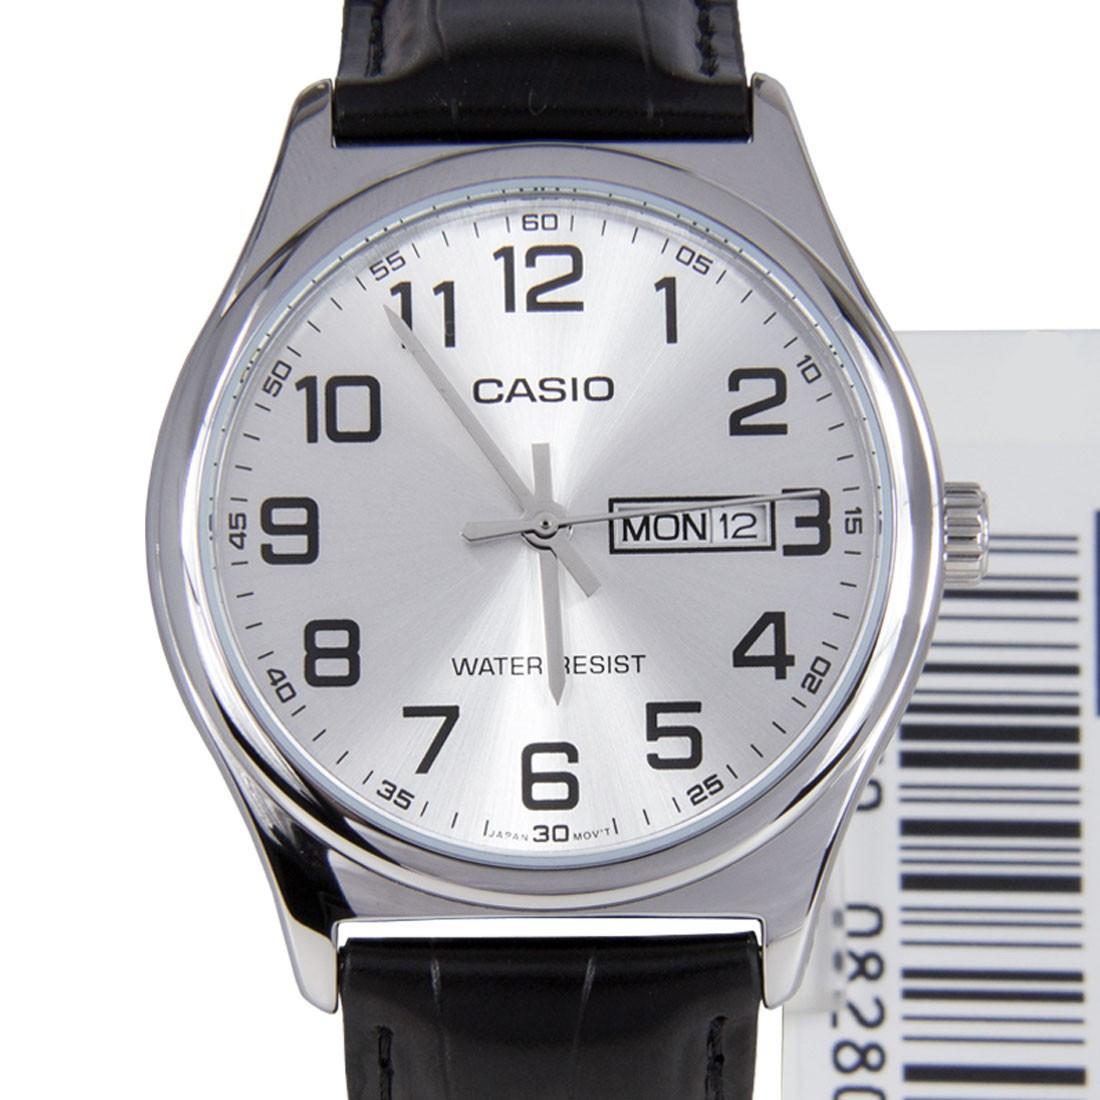 Мужские часы CASIO MTP-V003L-7B Standard Analogue, фото 1